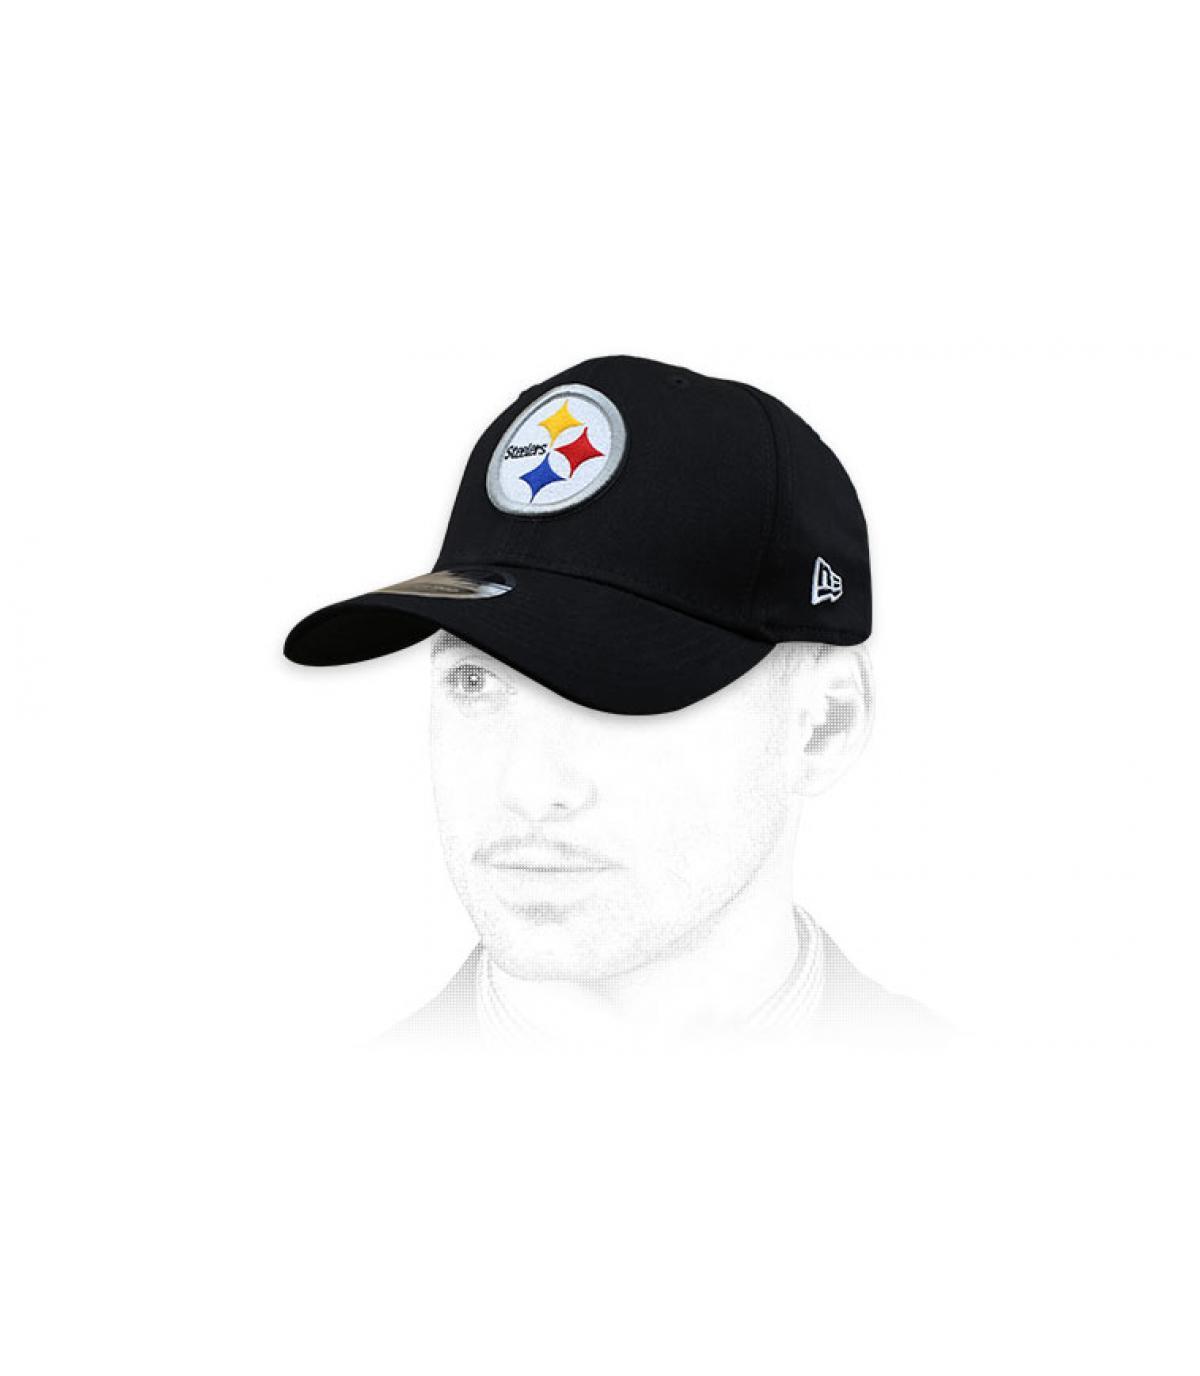 Cap Steelers schwarz